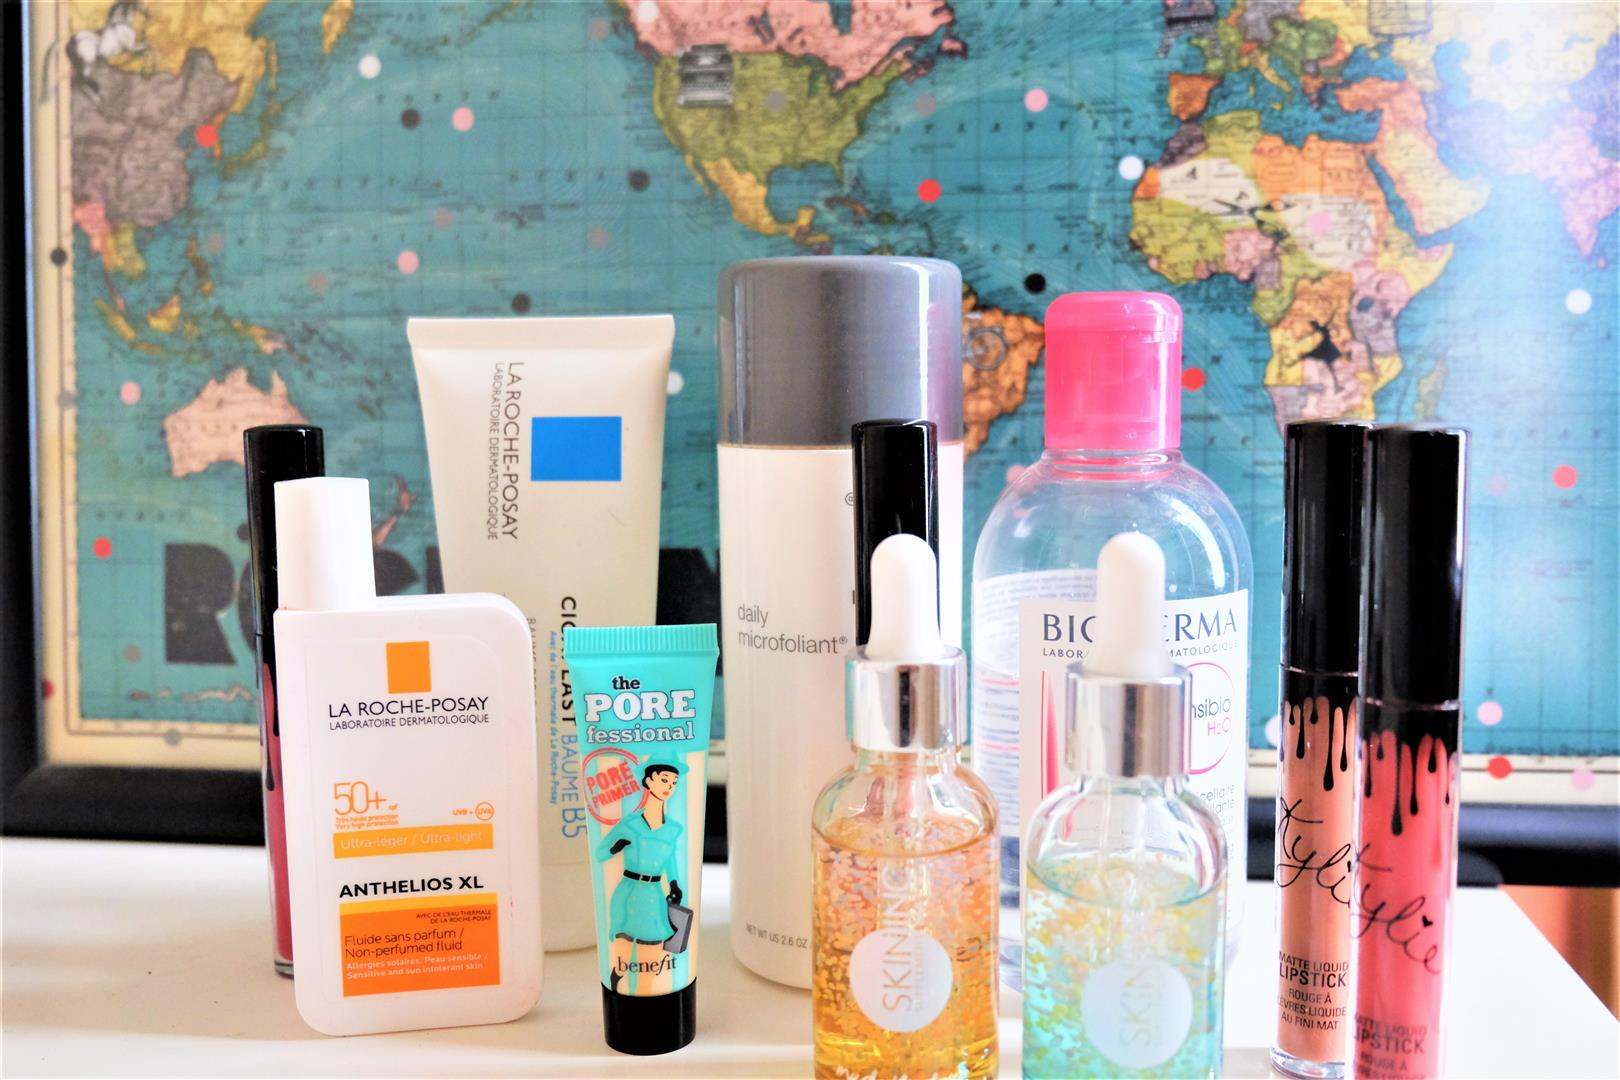 En Yeni ve En Beğenilen Kozmetik Ürünler